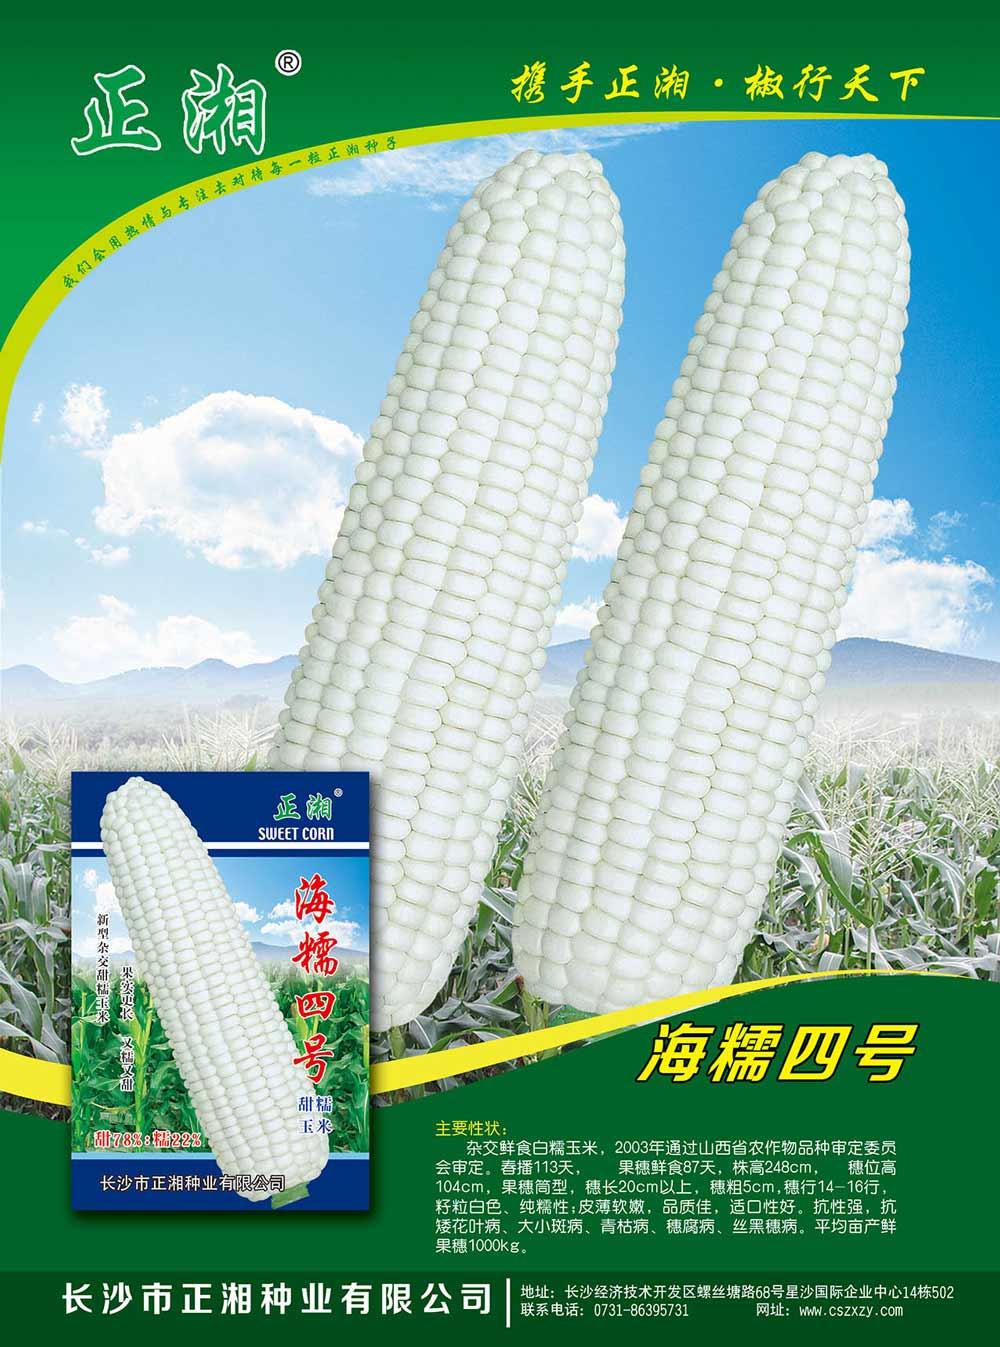 亚虎app网页版海糯4号玉米亚虎国际 唯一 官网